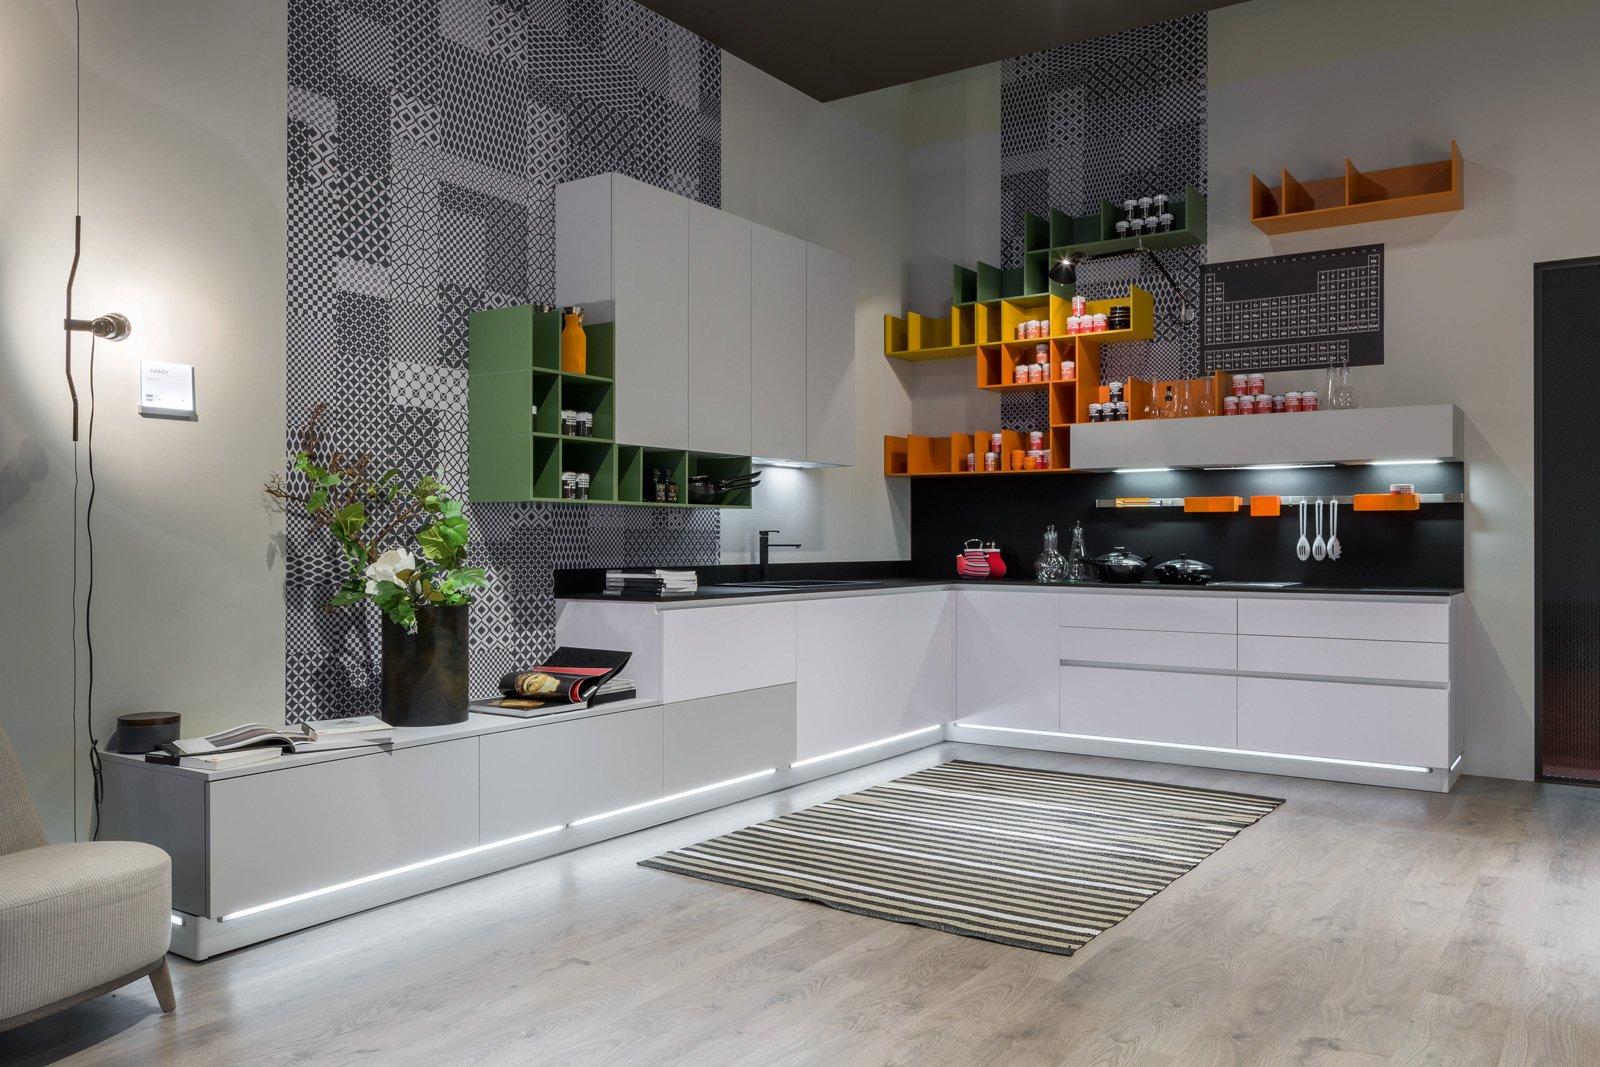 Piani di lavoro innovativi per la cucina cose di casa for Cucina stosa infinity